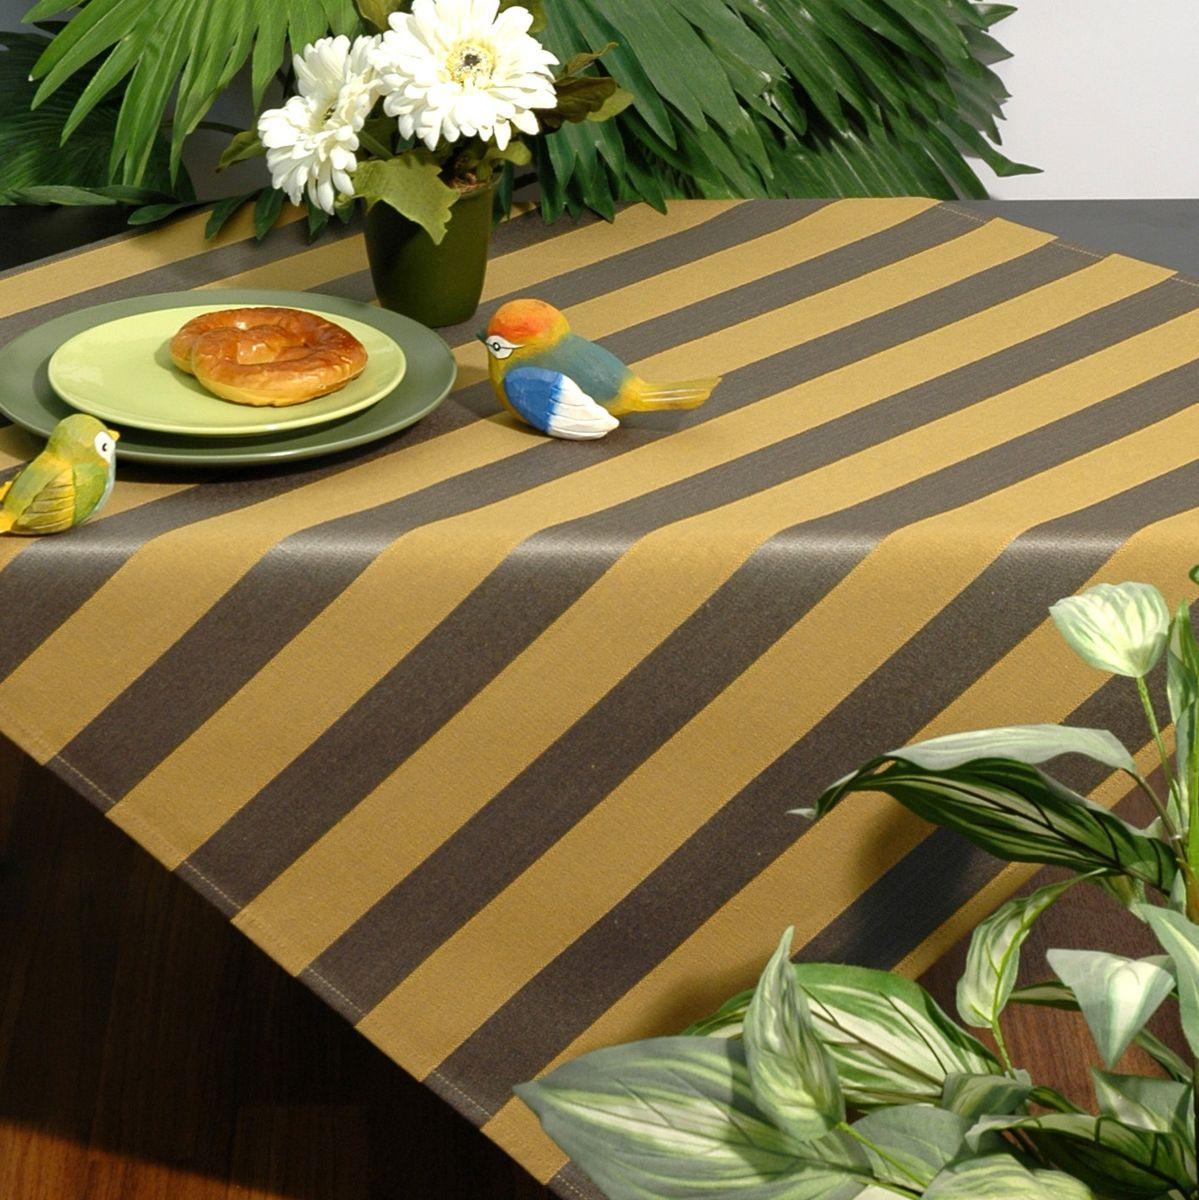 Скатерть Schaefer, квадратная, цвет: желтый, коричневый, 85 x 85 см. 06024-10006024-100Стильная скатерть Schaefer выполнена из полиэстера.Изделия из полиэстера легко стирать: они не мнутся, не садятся и быстро сохнут, они более долговечны, чем изделия из натуральных волокон.Немецкая компания Schaefer создана в 1921 году. На протяжении всего времени существования она создает уникальные коллекции домашнего текстиля для гостиных, спален, кухонь и ванных комнат. Дизайнерские идеи немецких художников компании Schaefer воплощаются в текстильных изделиях, которые сделают ваш дом красивее и уютнее и не останутся незамеченными вашими гостями. Дарите себе и близким красоту каждый день!